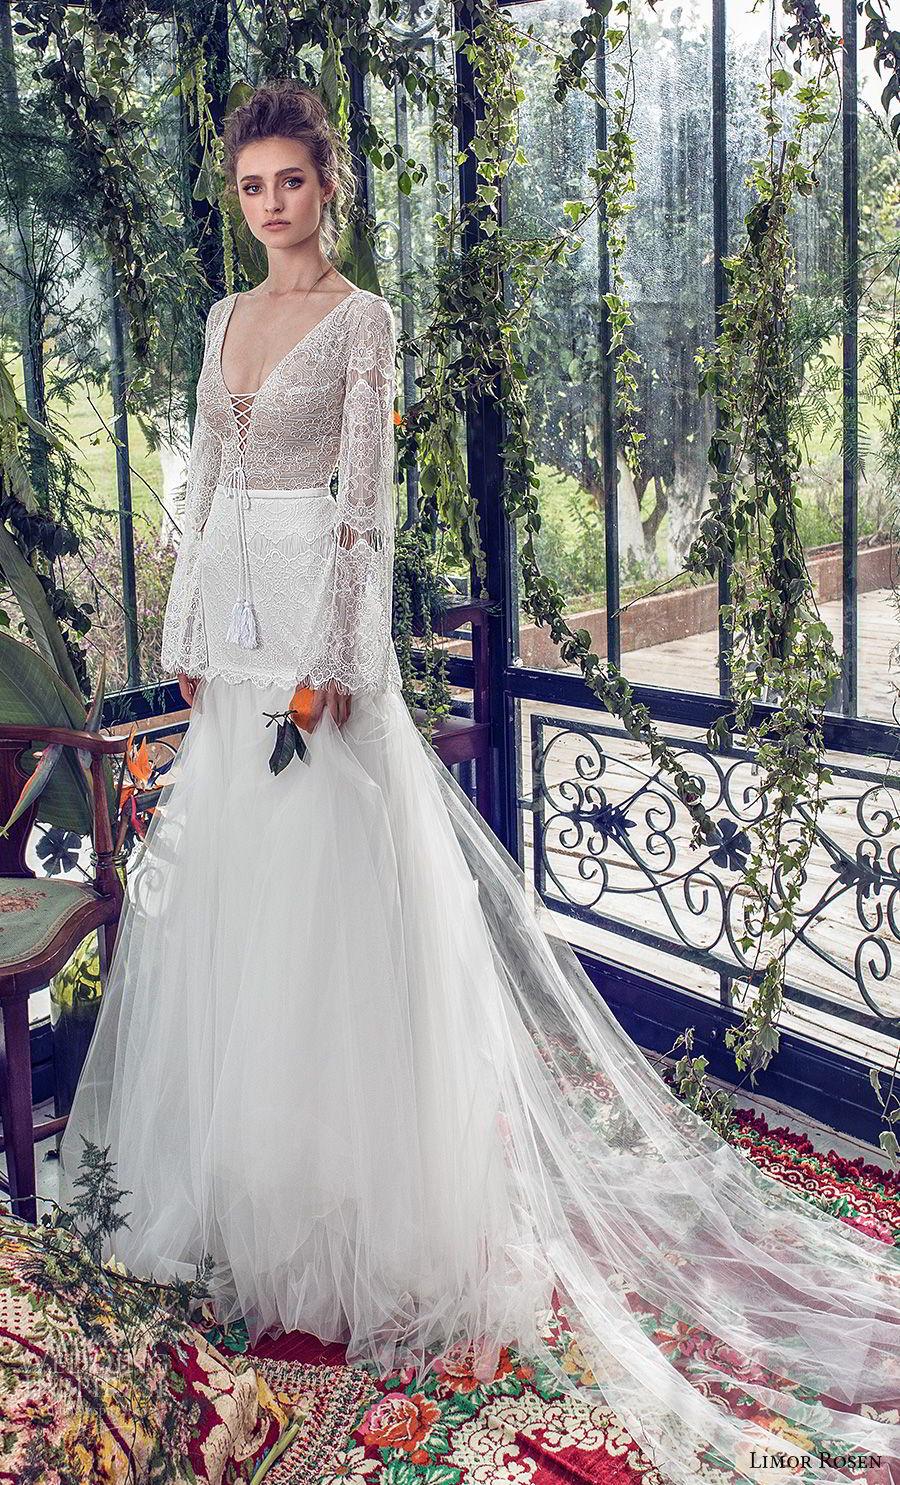 limor rosen 2019 xo bridal long bell sleeves v neck heavily embellished bodice tulle skirt romantic bohemian a  line wedding dress low open back chapel train (1) mv